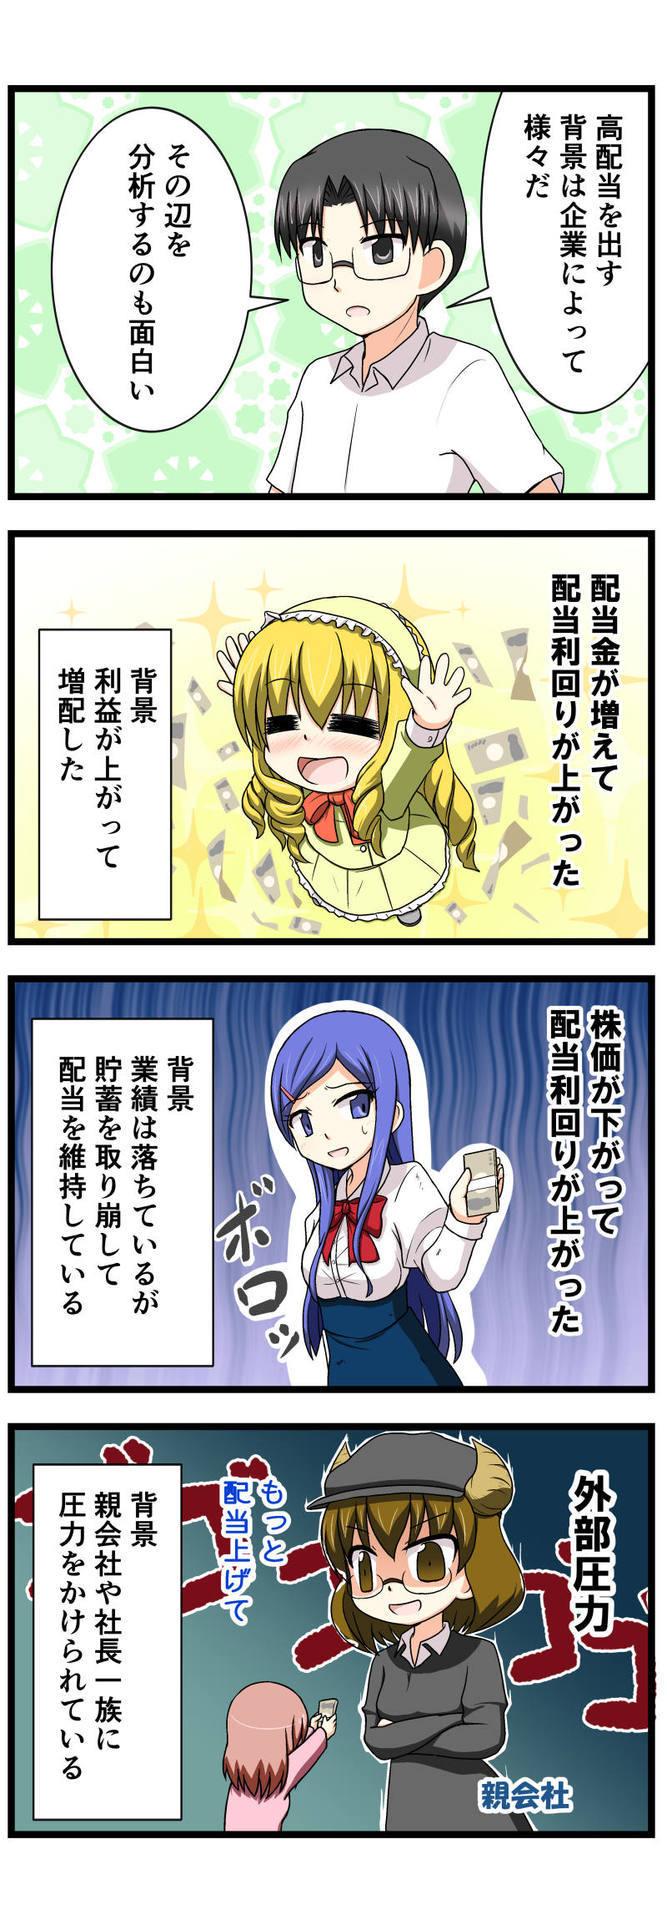 萌える株セミナー46.jpg